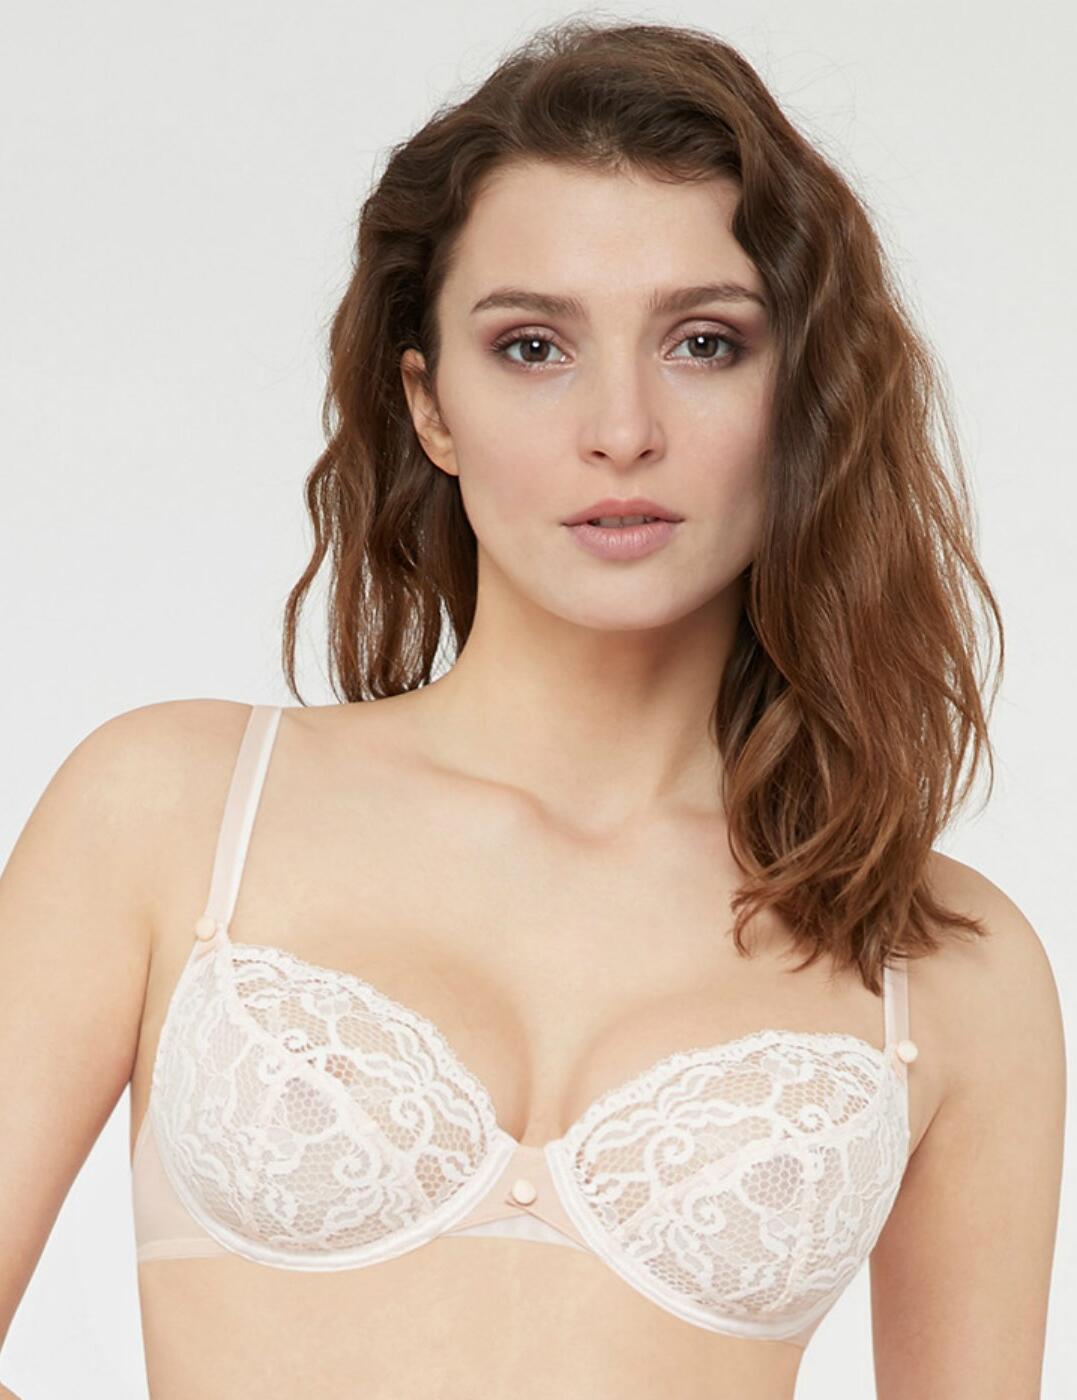 14242 LOU Belle De Lou Support Bra - 14242 Nude